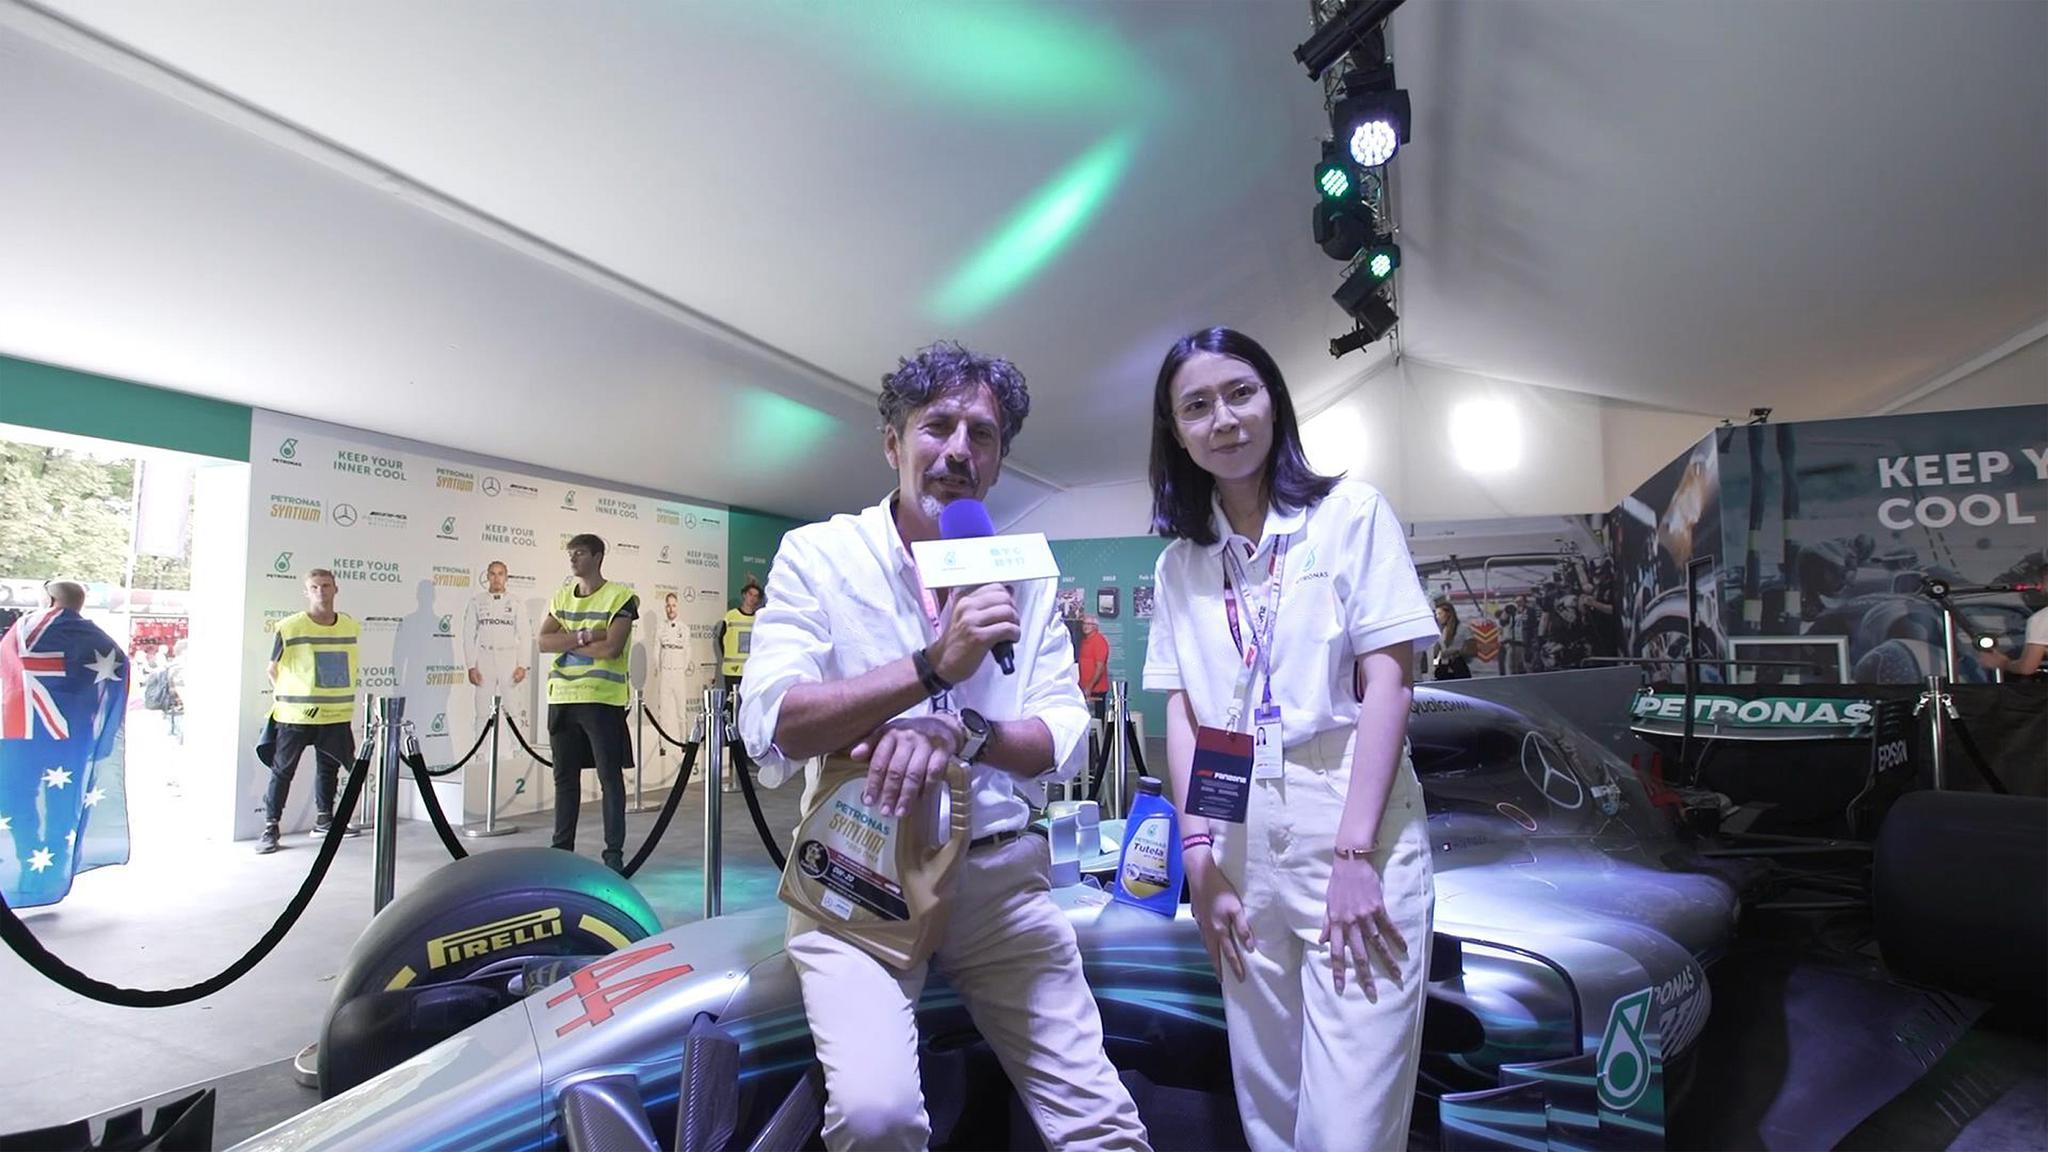 马石油润滑油国际的董事总经理兼CEO Giuseppe D'Arrigo先生在蒙扎赛场的马石油车迷展台与国内现场连线